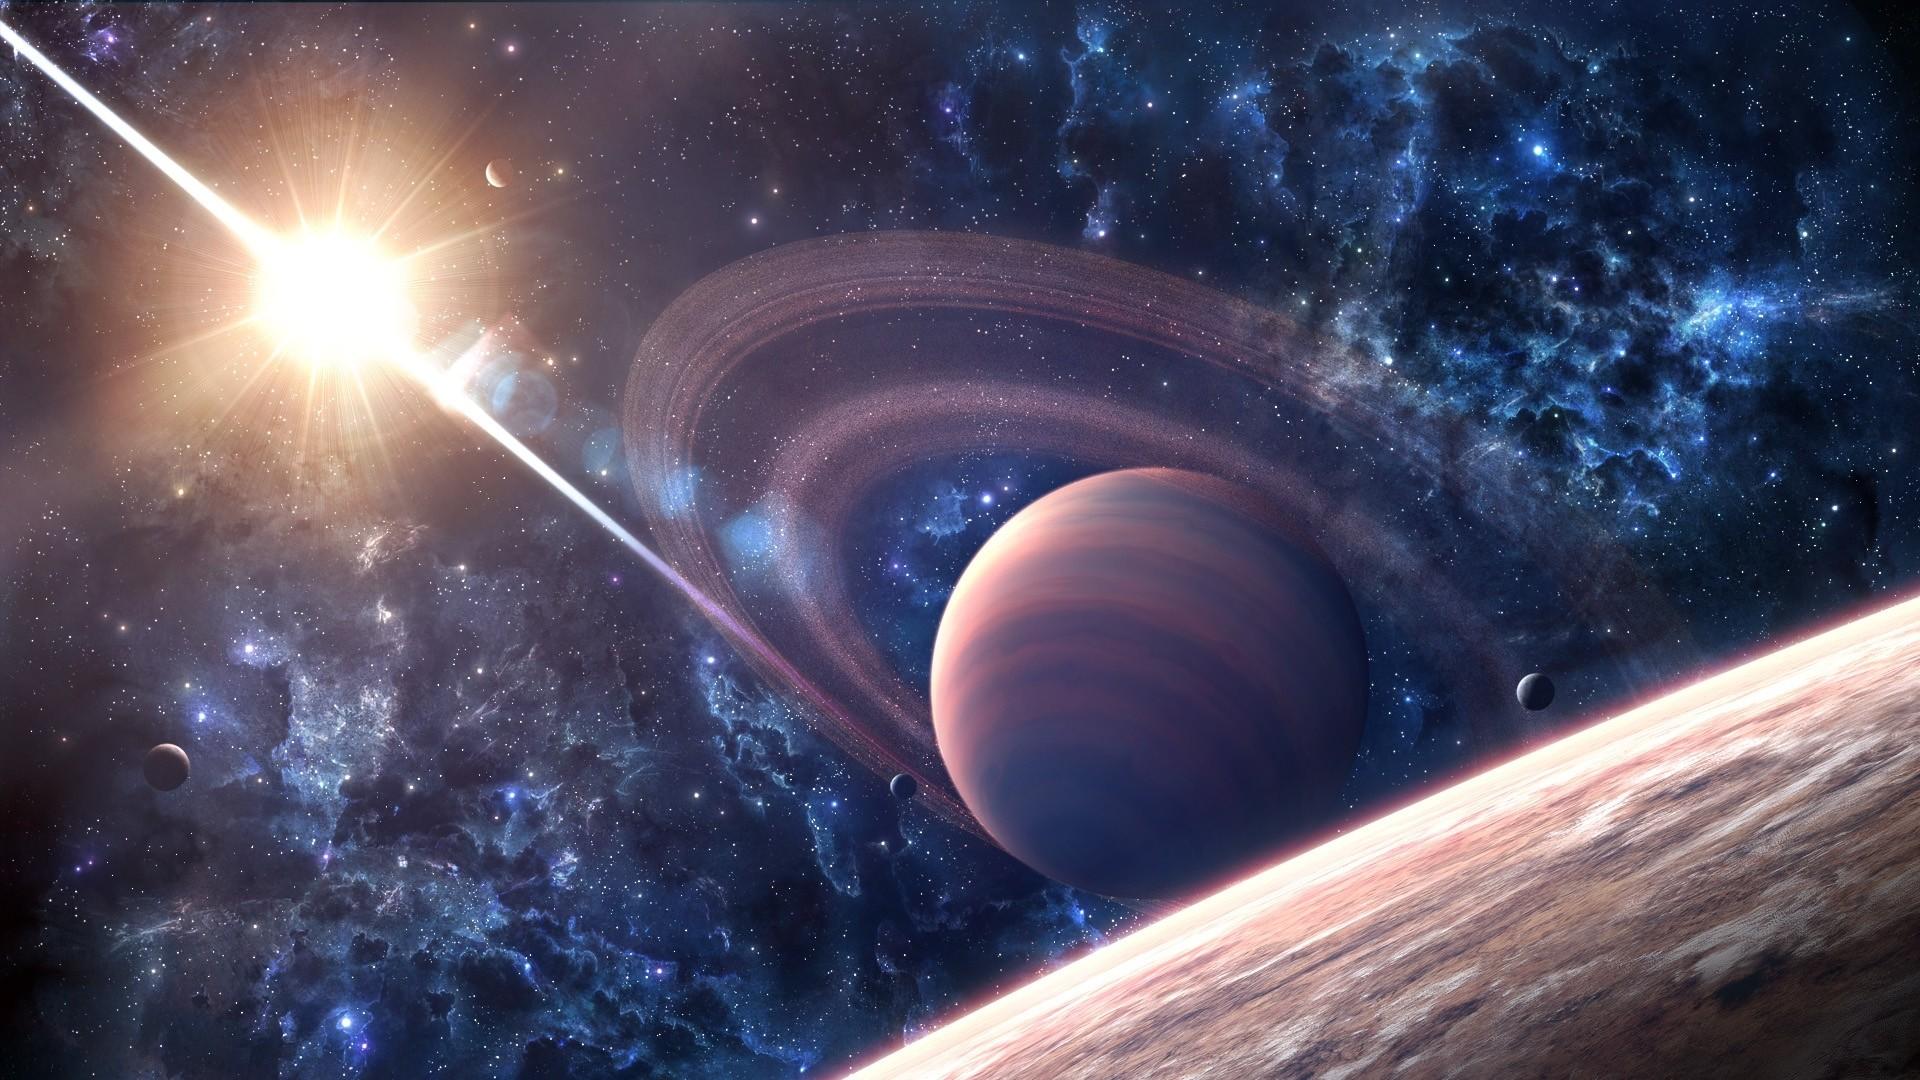 Saturn download nice wallpaper